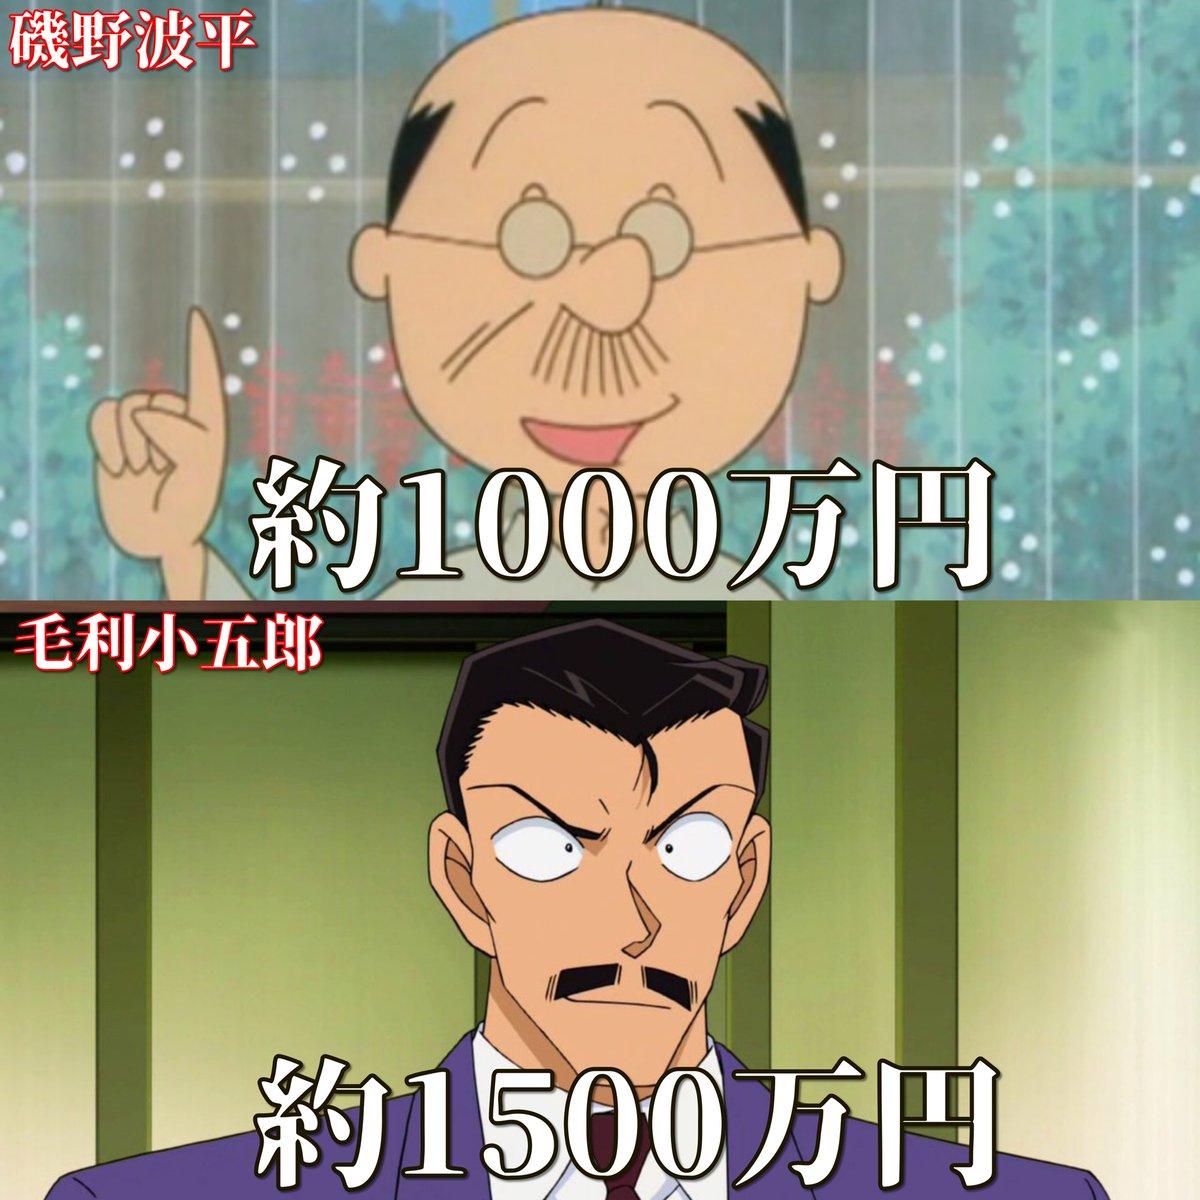 実はこれだけ貰っている?アニメキャラの推定年収まとめ!